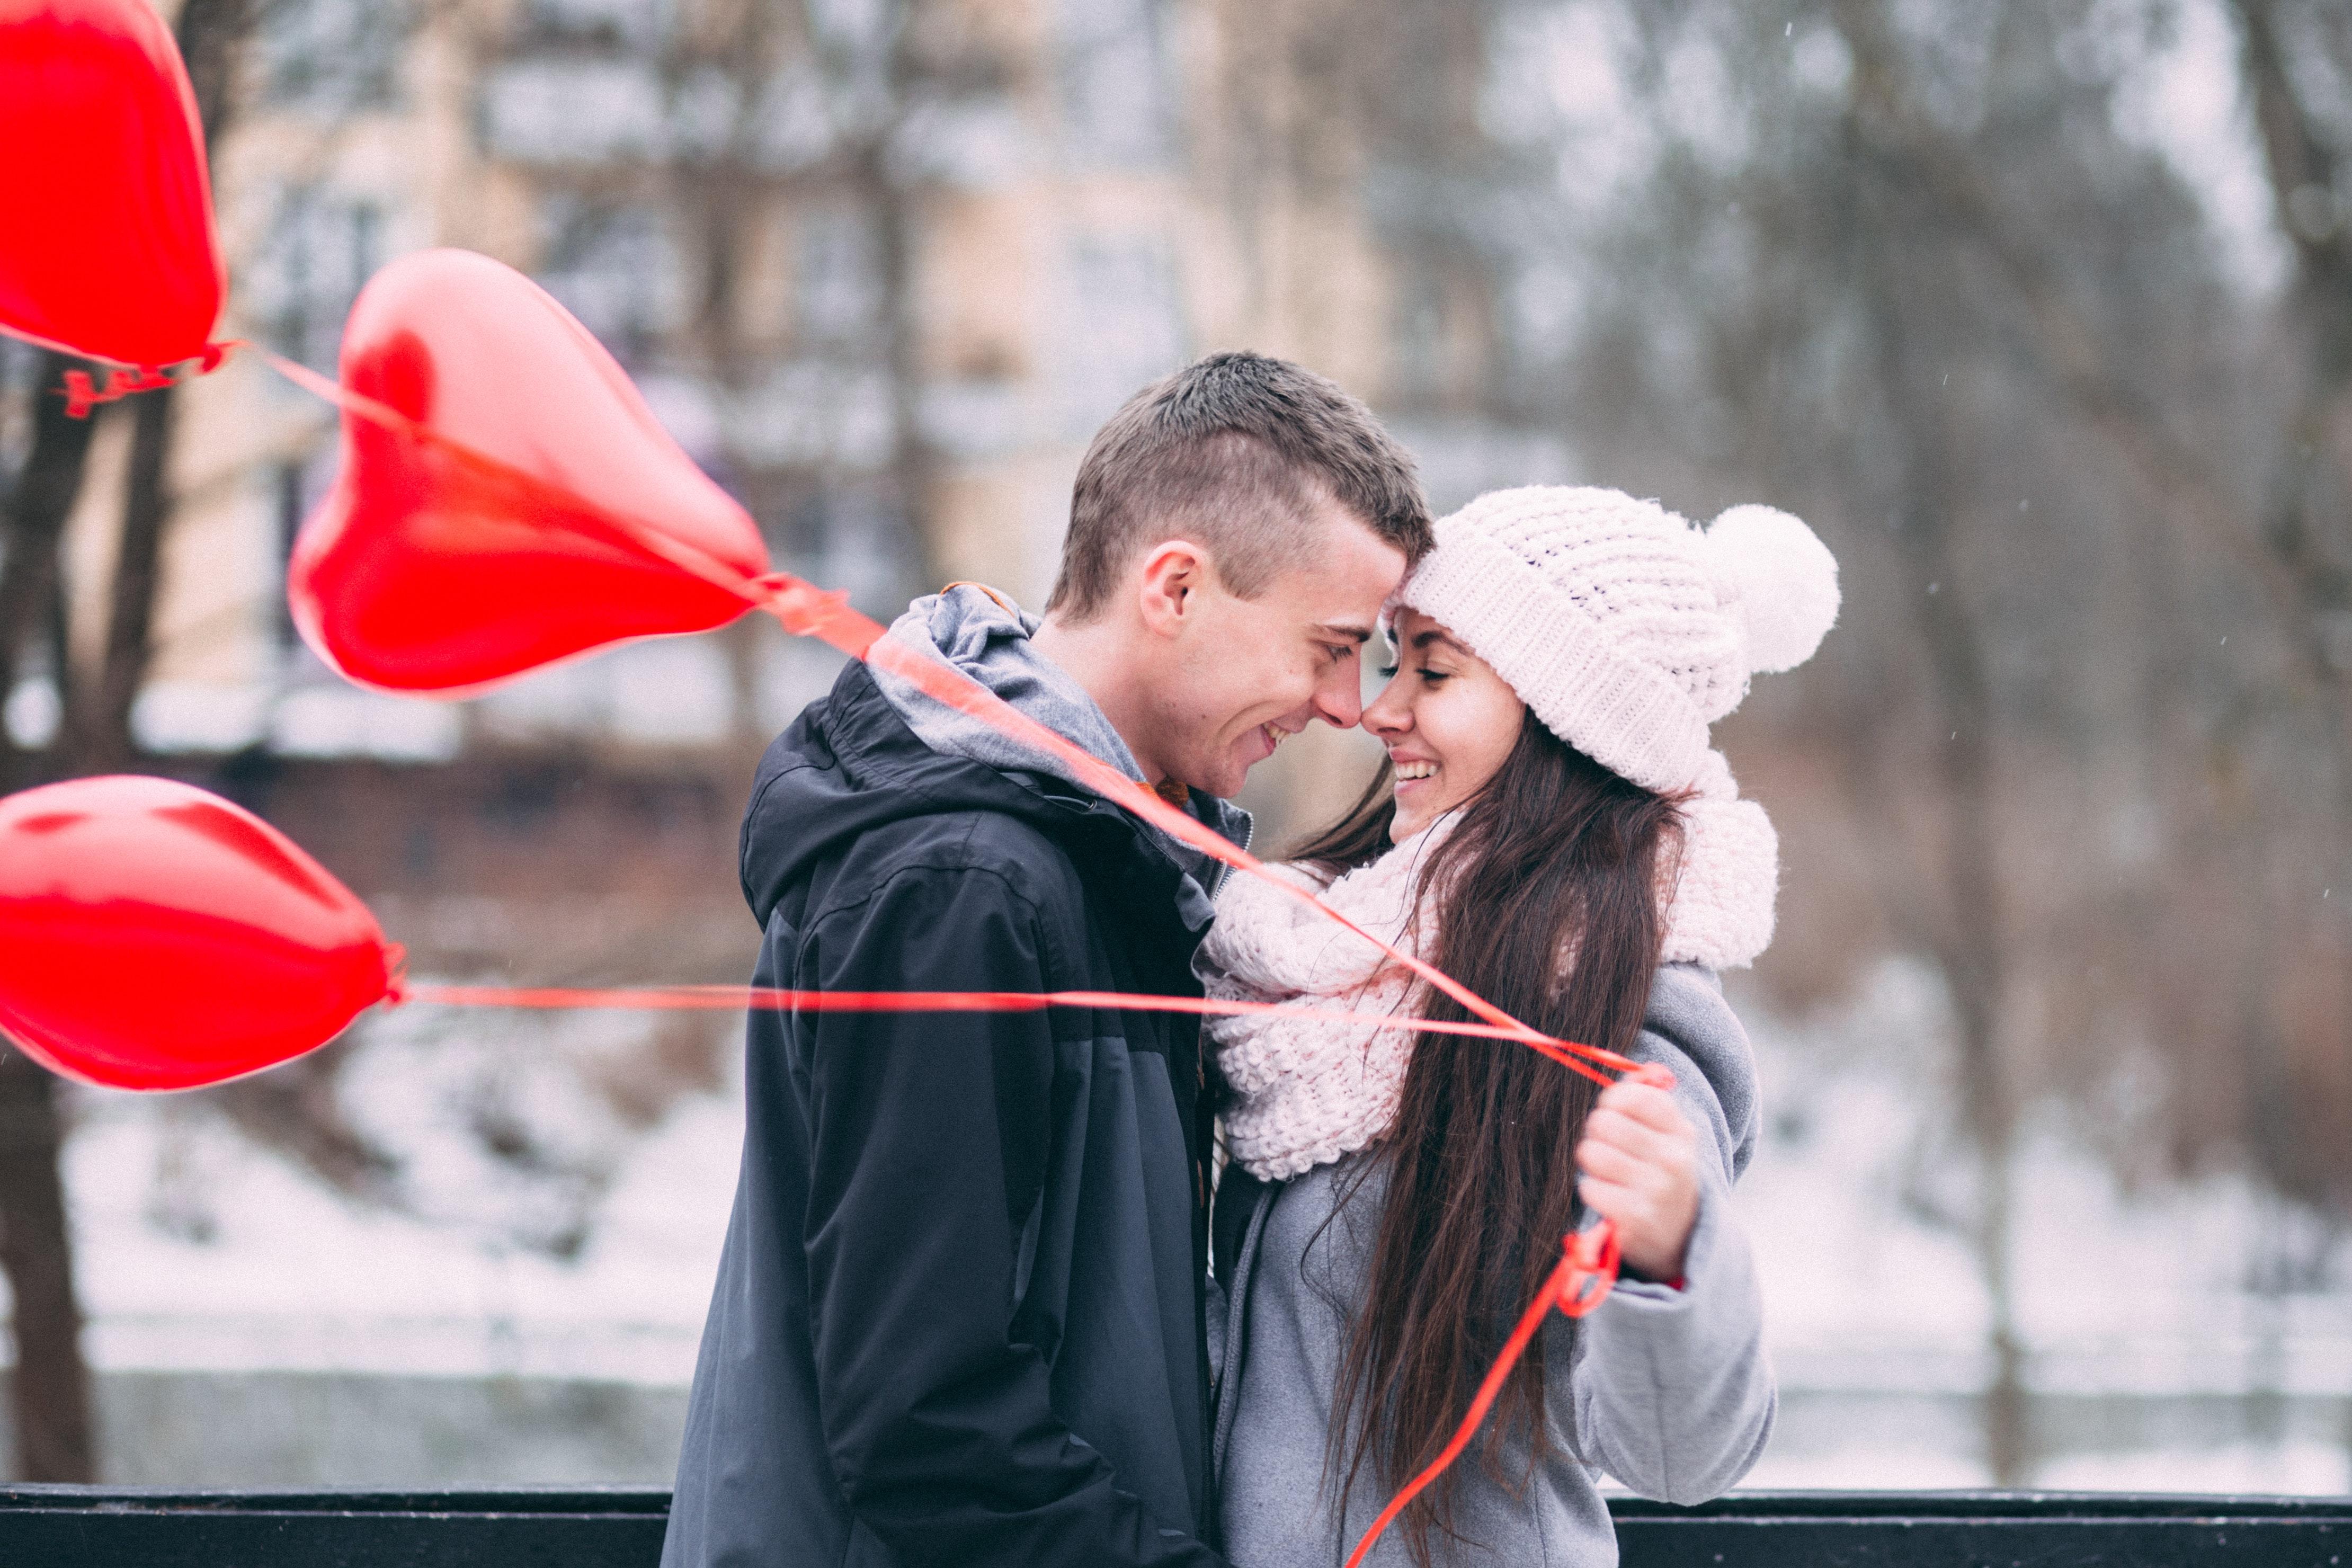 Paarfoto Mann und Frau mit roten Herz-Luftballons im Winter